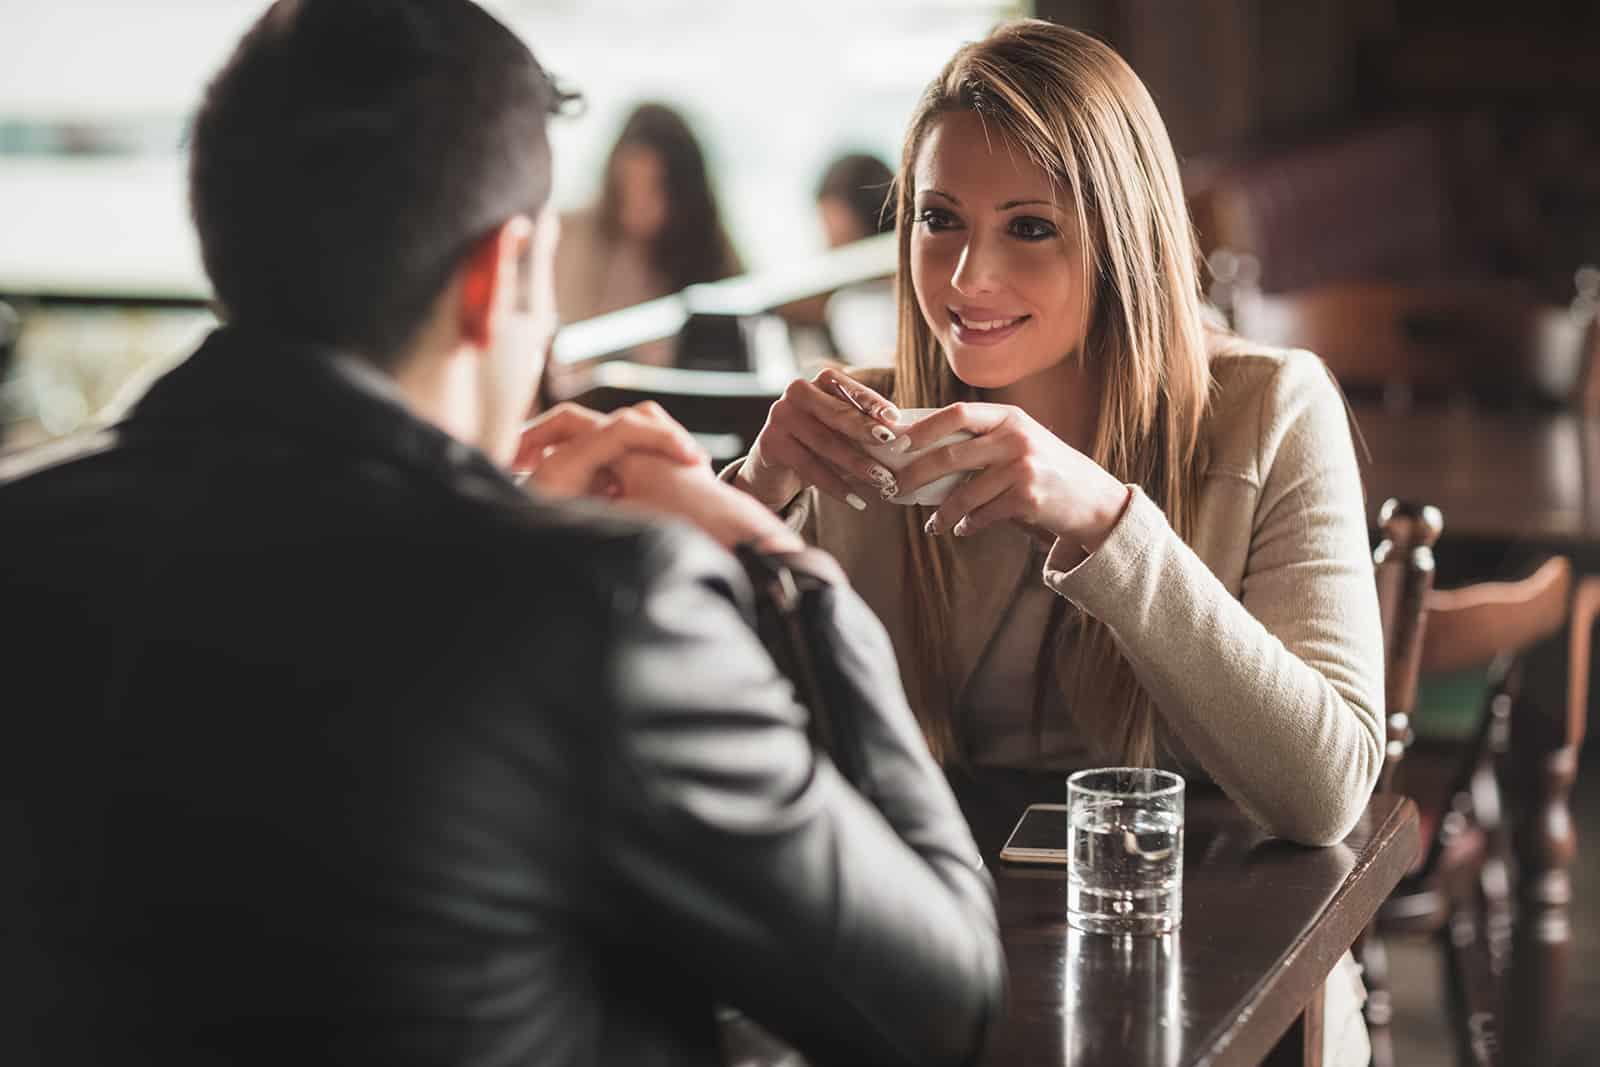 Ein Mann und eine Frau trinken Kaffee in der Bar und flirten